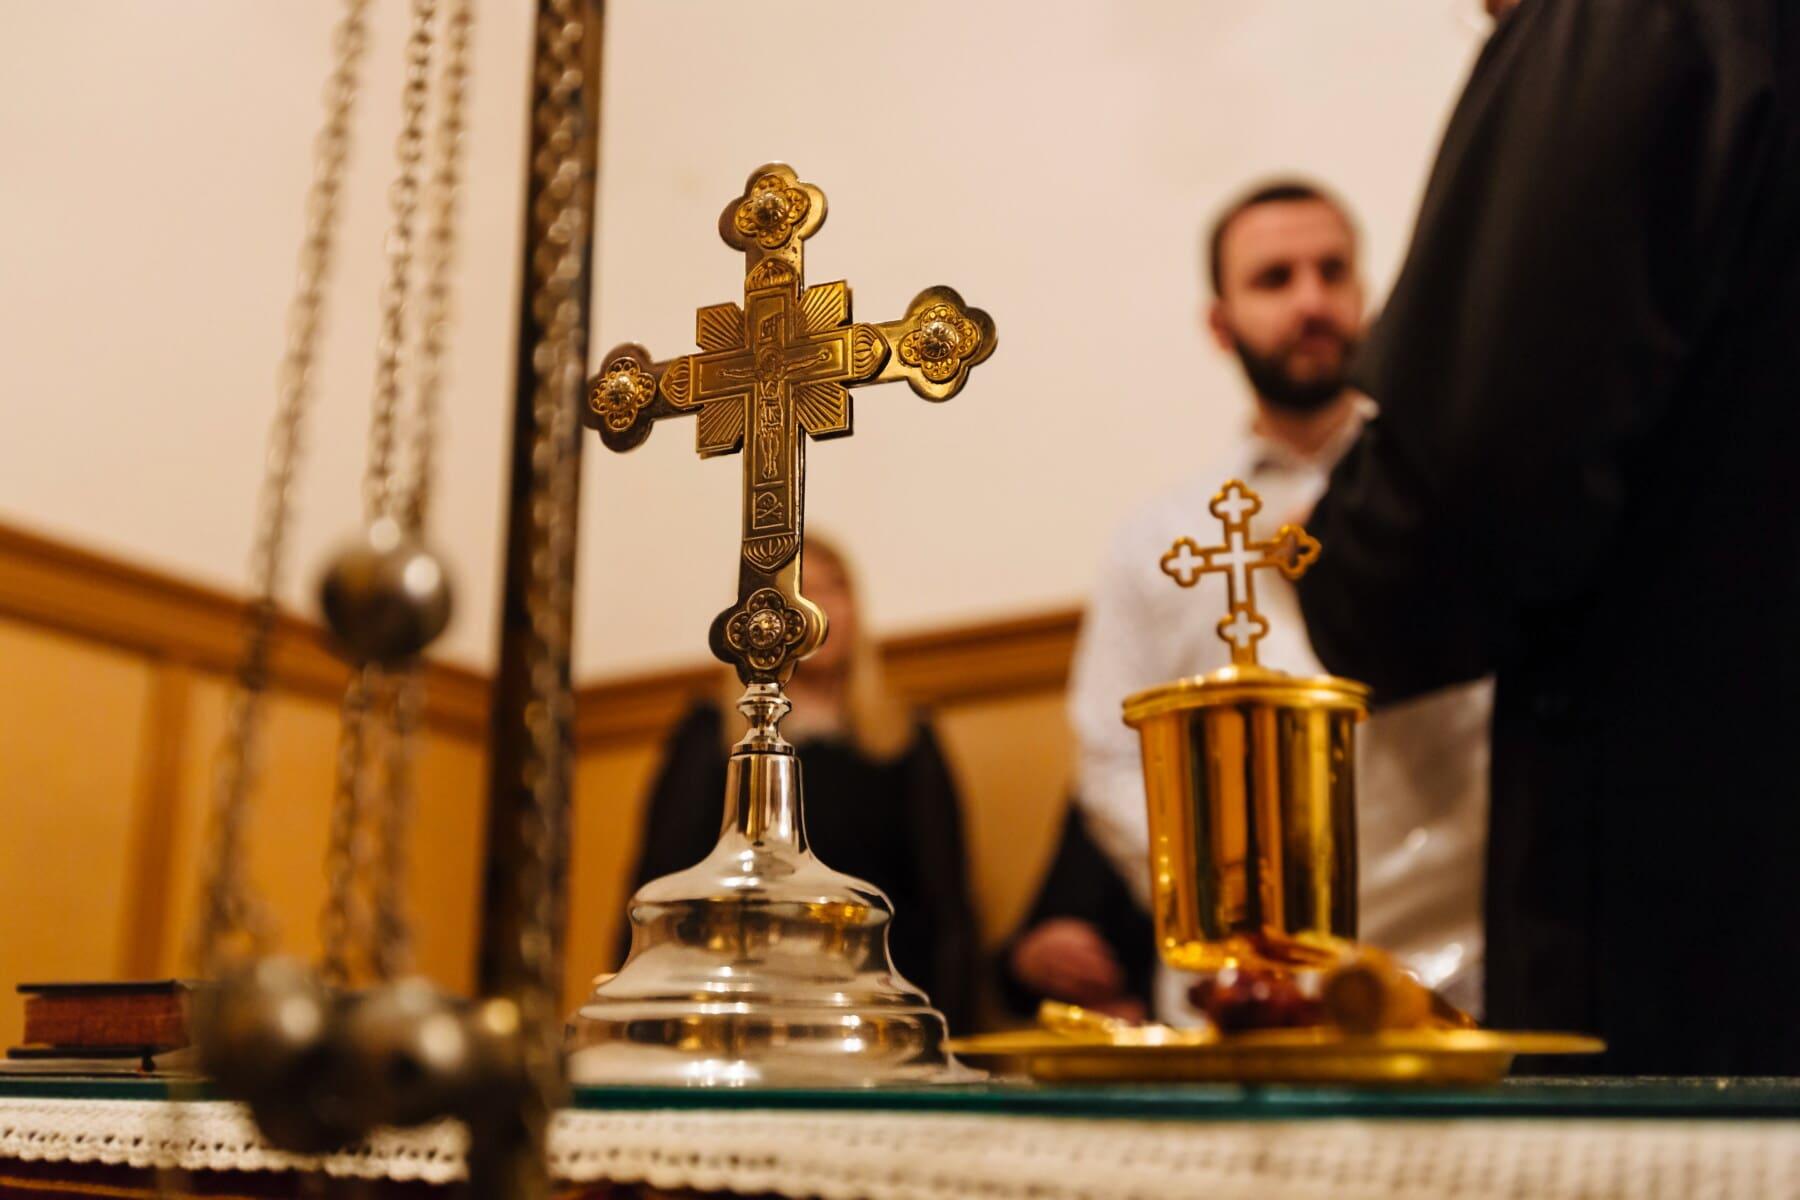 religion, éclat doré, Croix, prêtre, église, en laiton, à l'intérieur, spiritualité, Or, prière